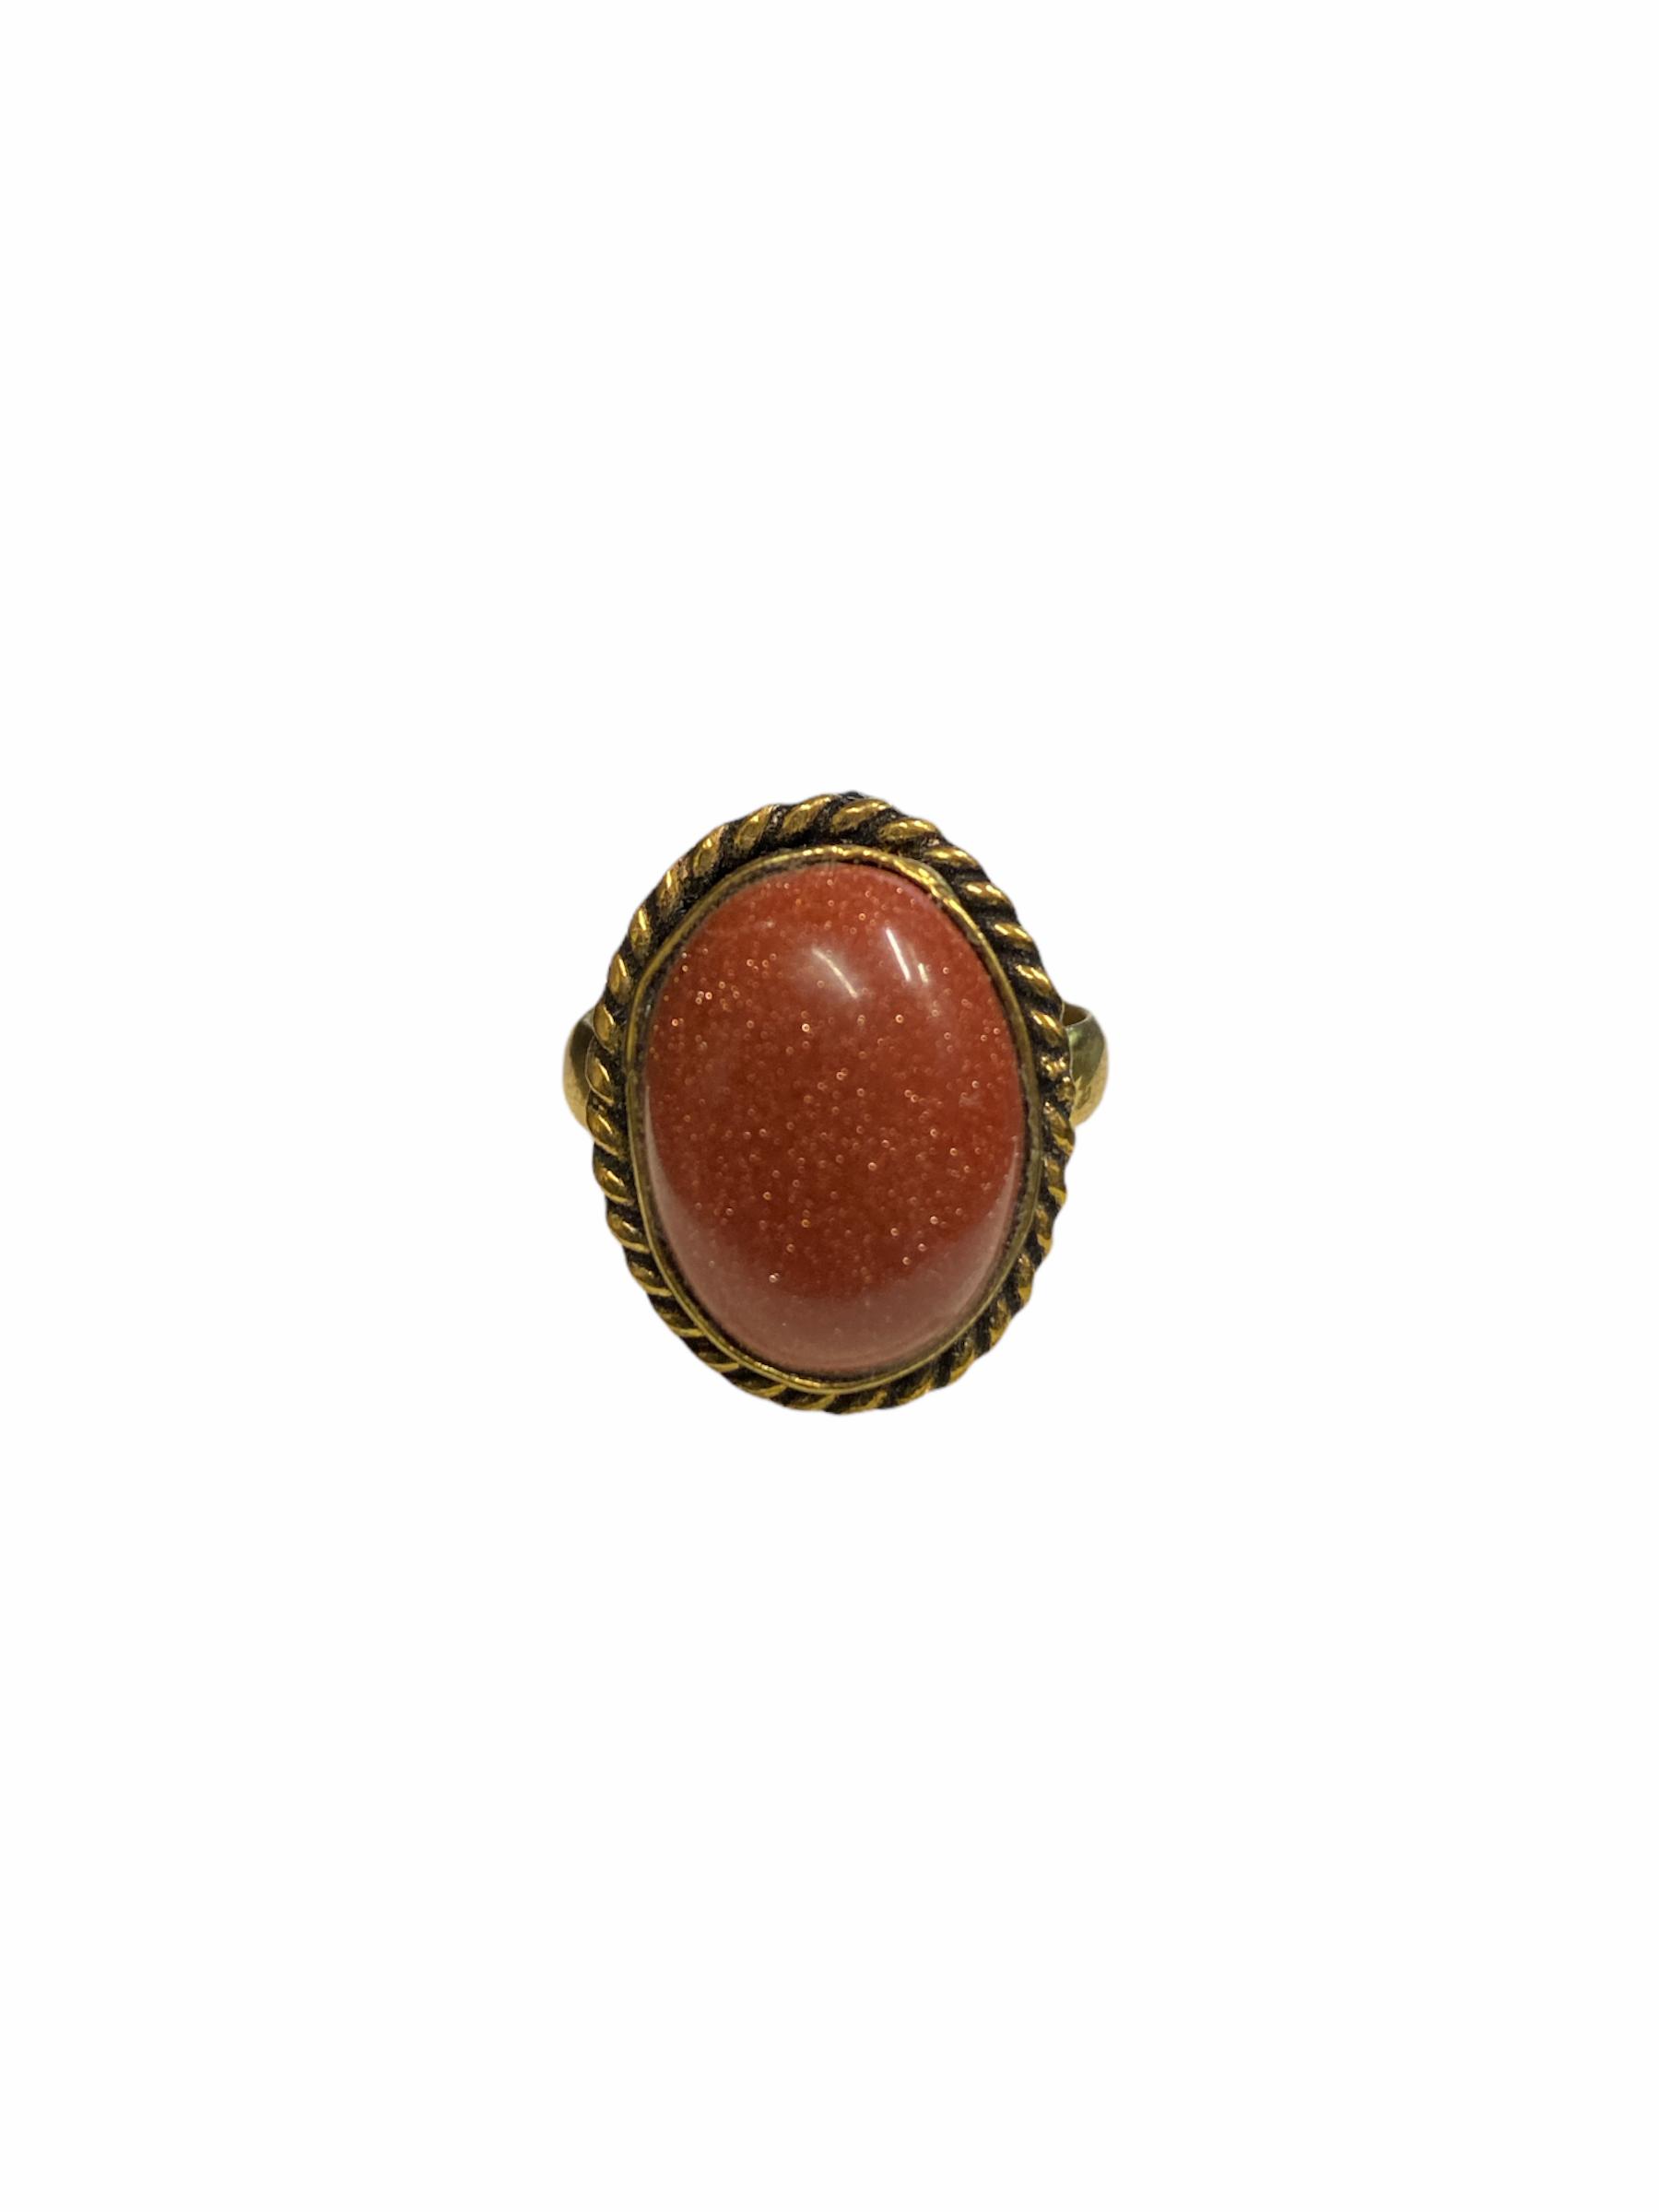 Δαχτυλίδι Χειροποίητο Με Ίασπι Σε Χρυσό Χρώμα